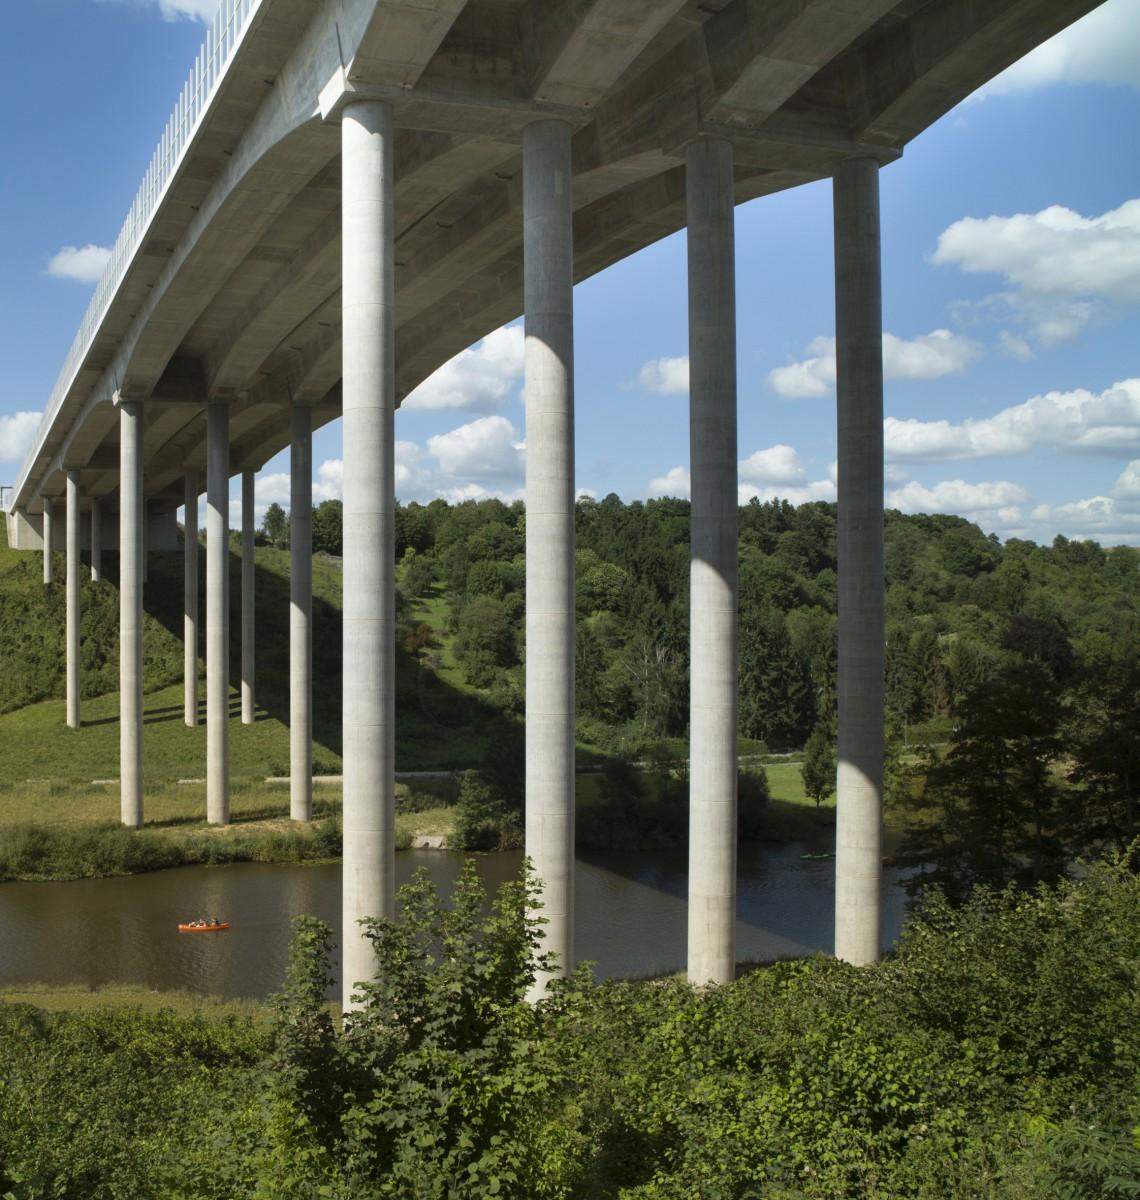 Limburg, Neubau Lahntalbrücke